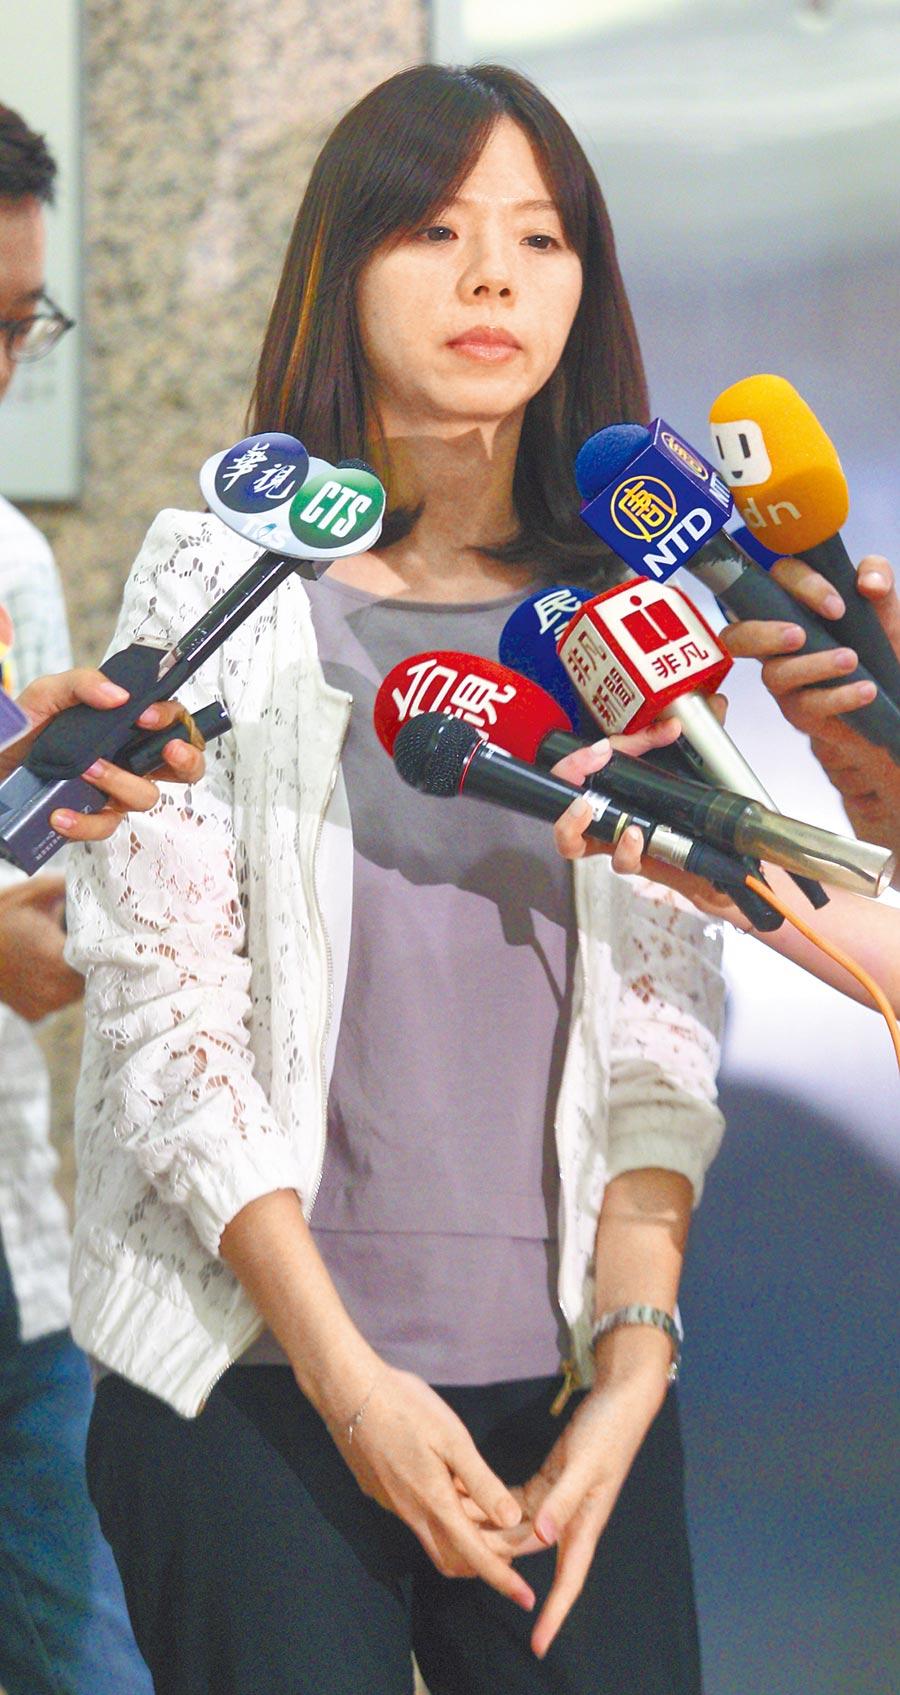 時力立委洪慈庸13日宣布退黨,她在受訪過程中一度哽咽,退黨後將以無黨籍的身分投入立委選戰。(張鎧乙攝)